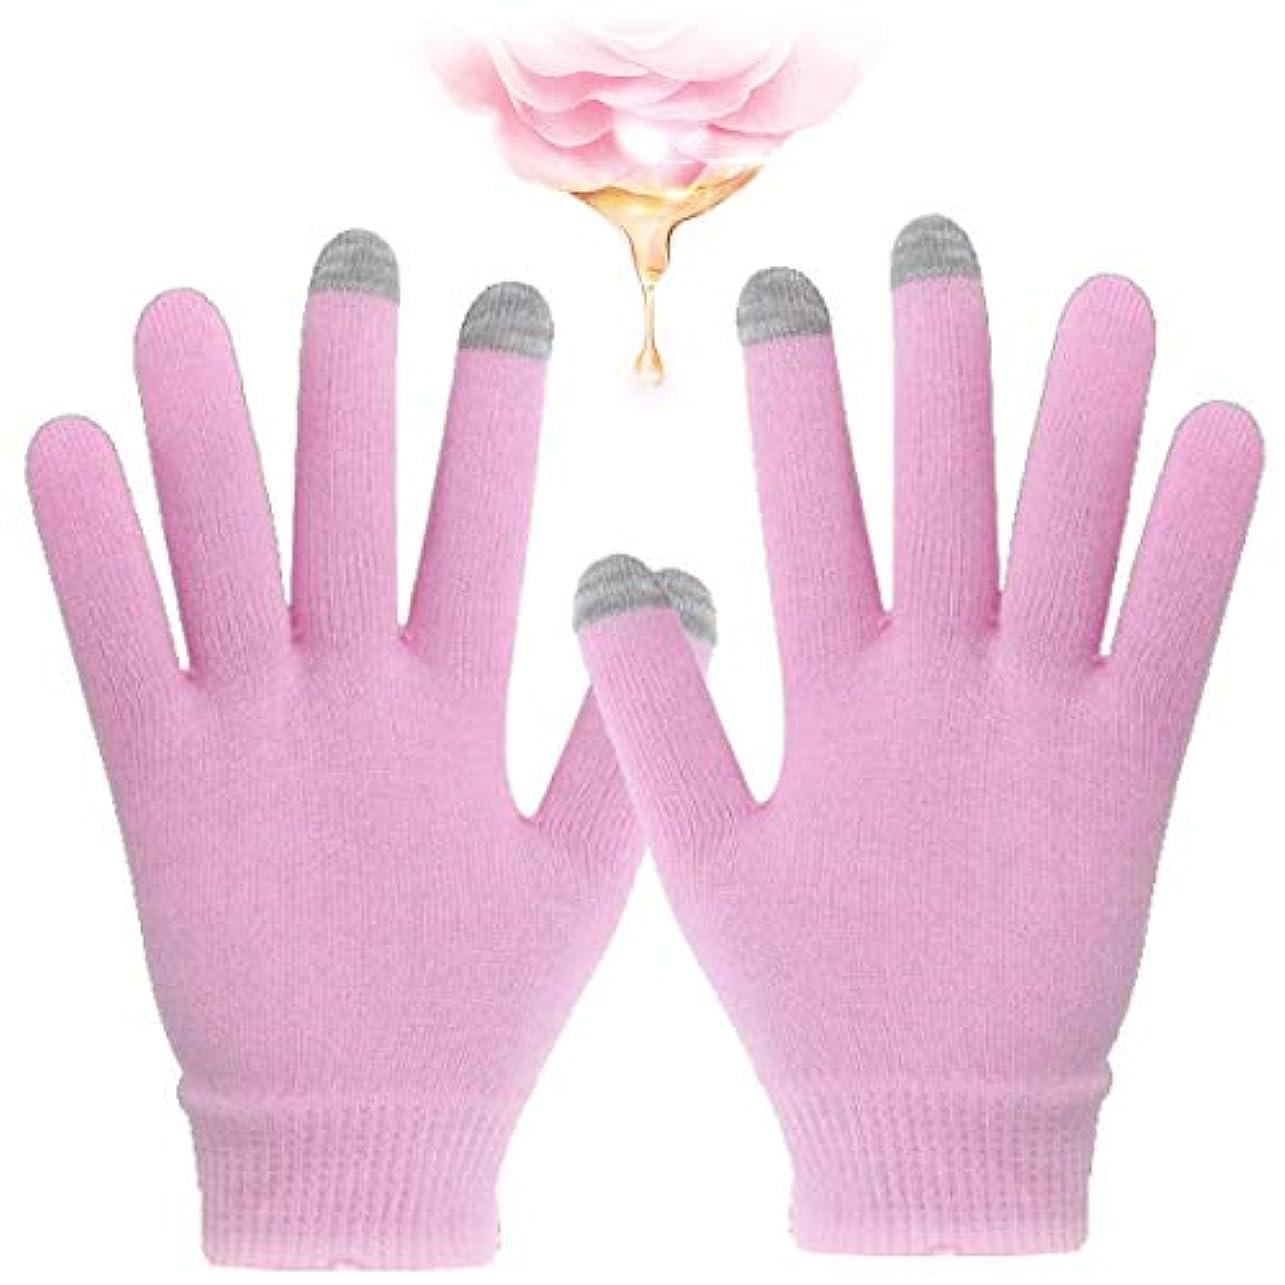 平方終了しました判読できないハンドケア 手袋 スマホ対応 手袋 ゲル 保湿 美容成分配合 手荒れ 対策 おやすみ スキンケア グローブ うるおい 保護 タブレット